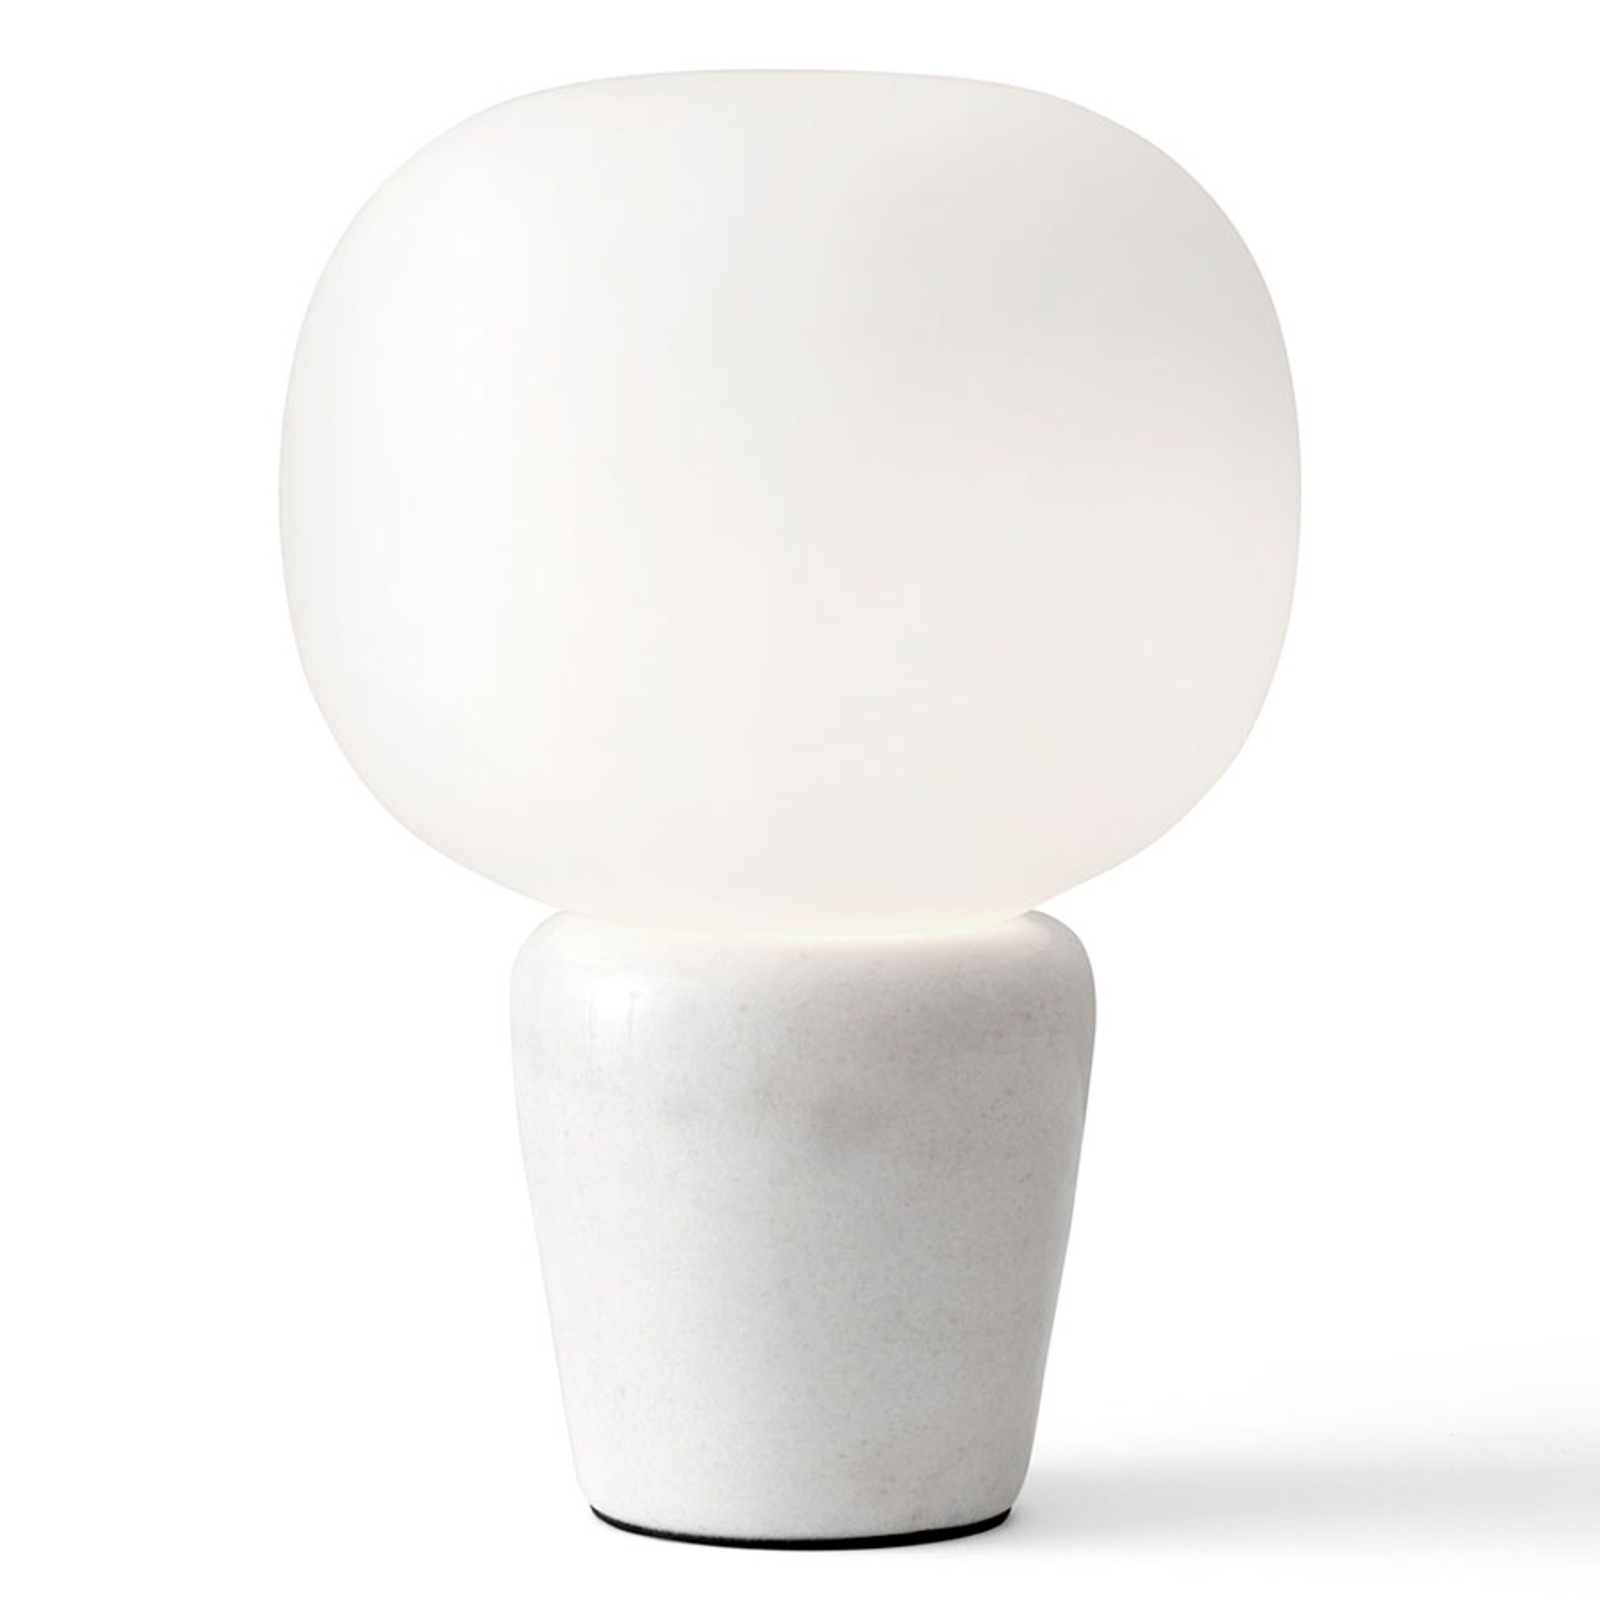 Tischleuchte Bombo, Marmor, Höhe 27cm, Ø 19cm